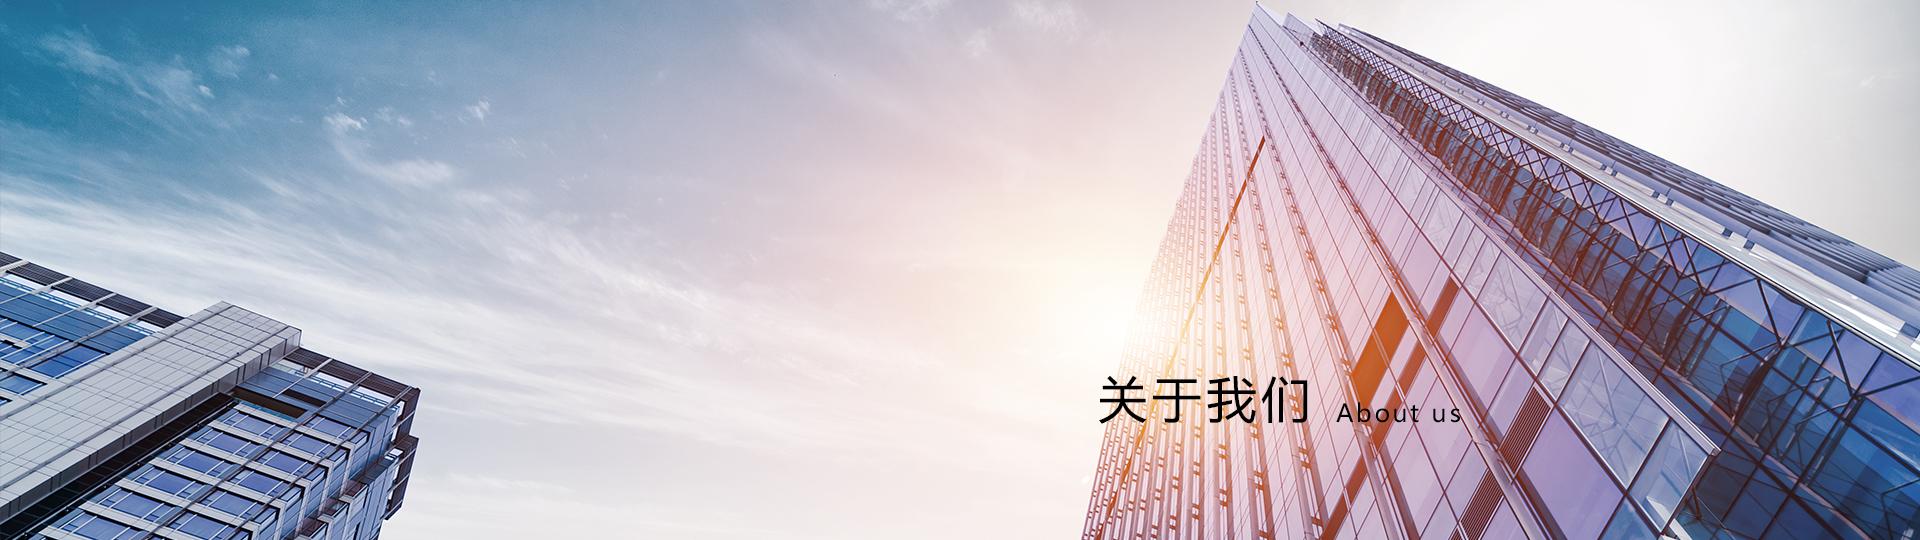 无锡晟旭印花设备有限公司